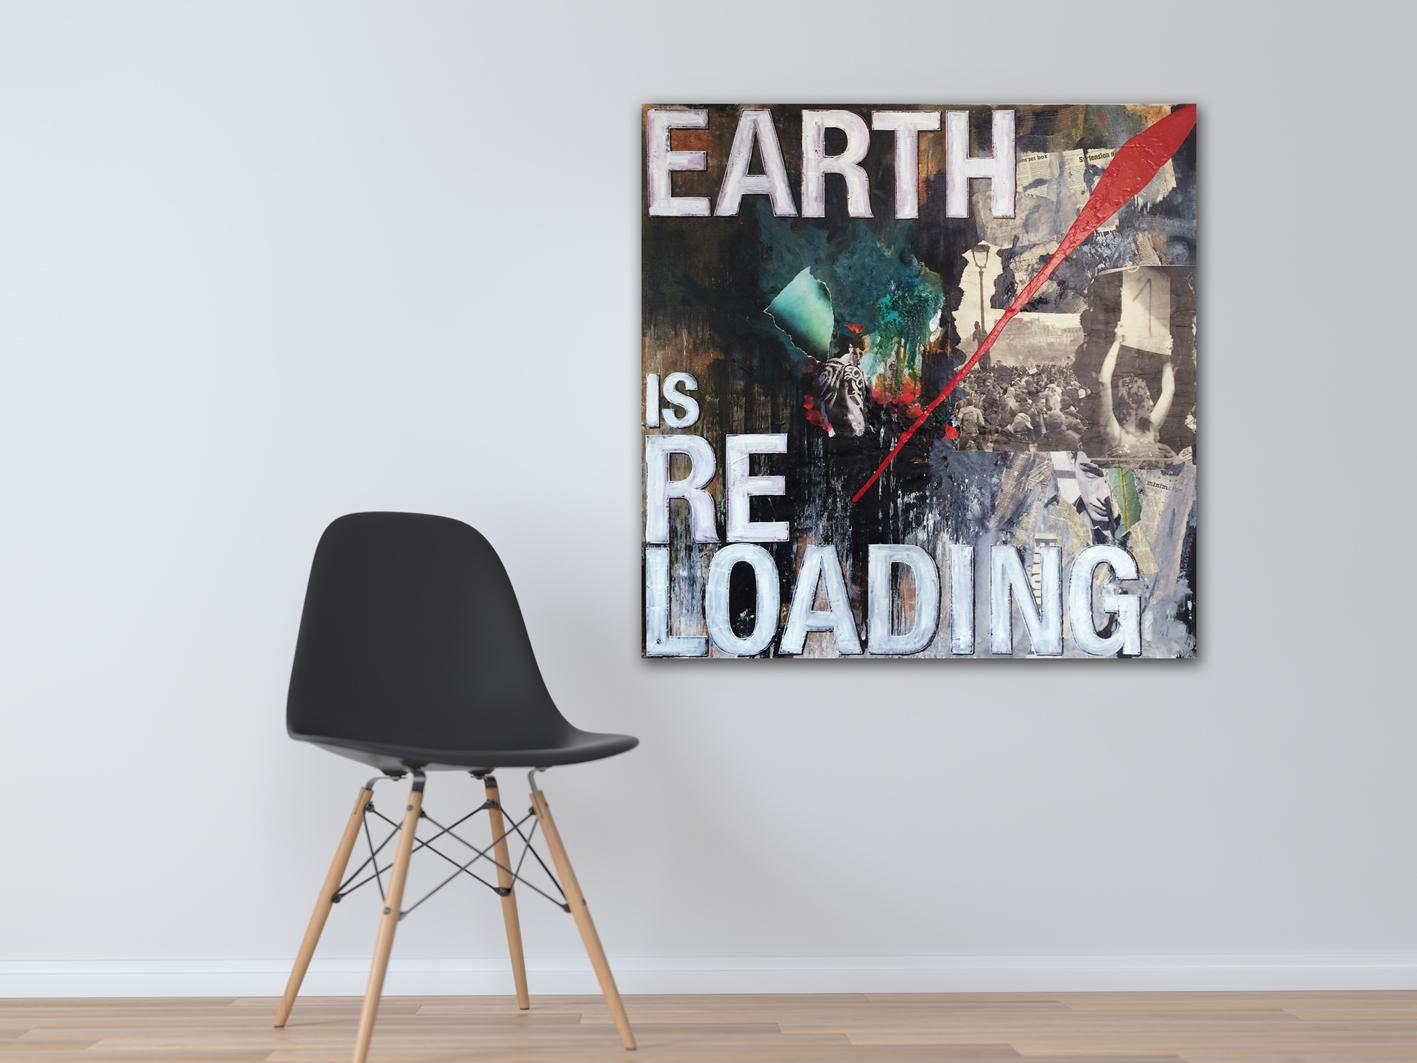 Earthis reloading